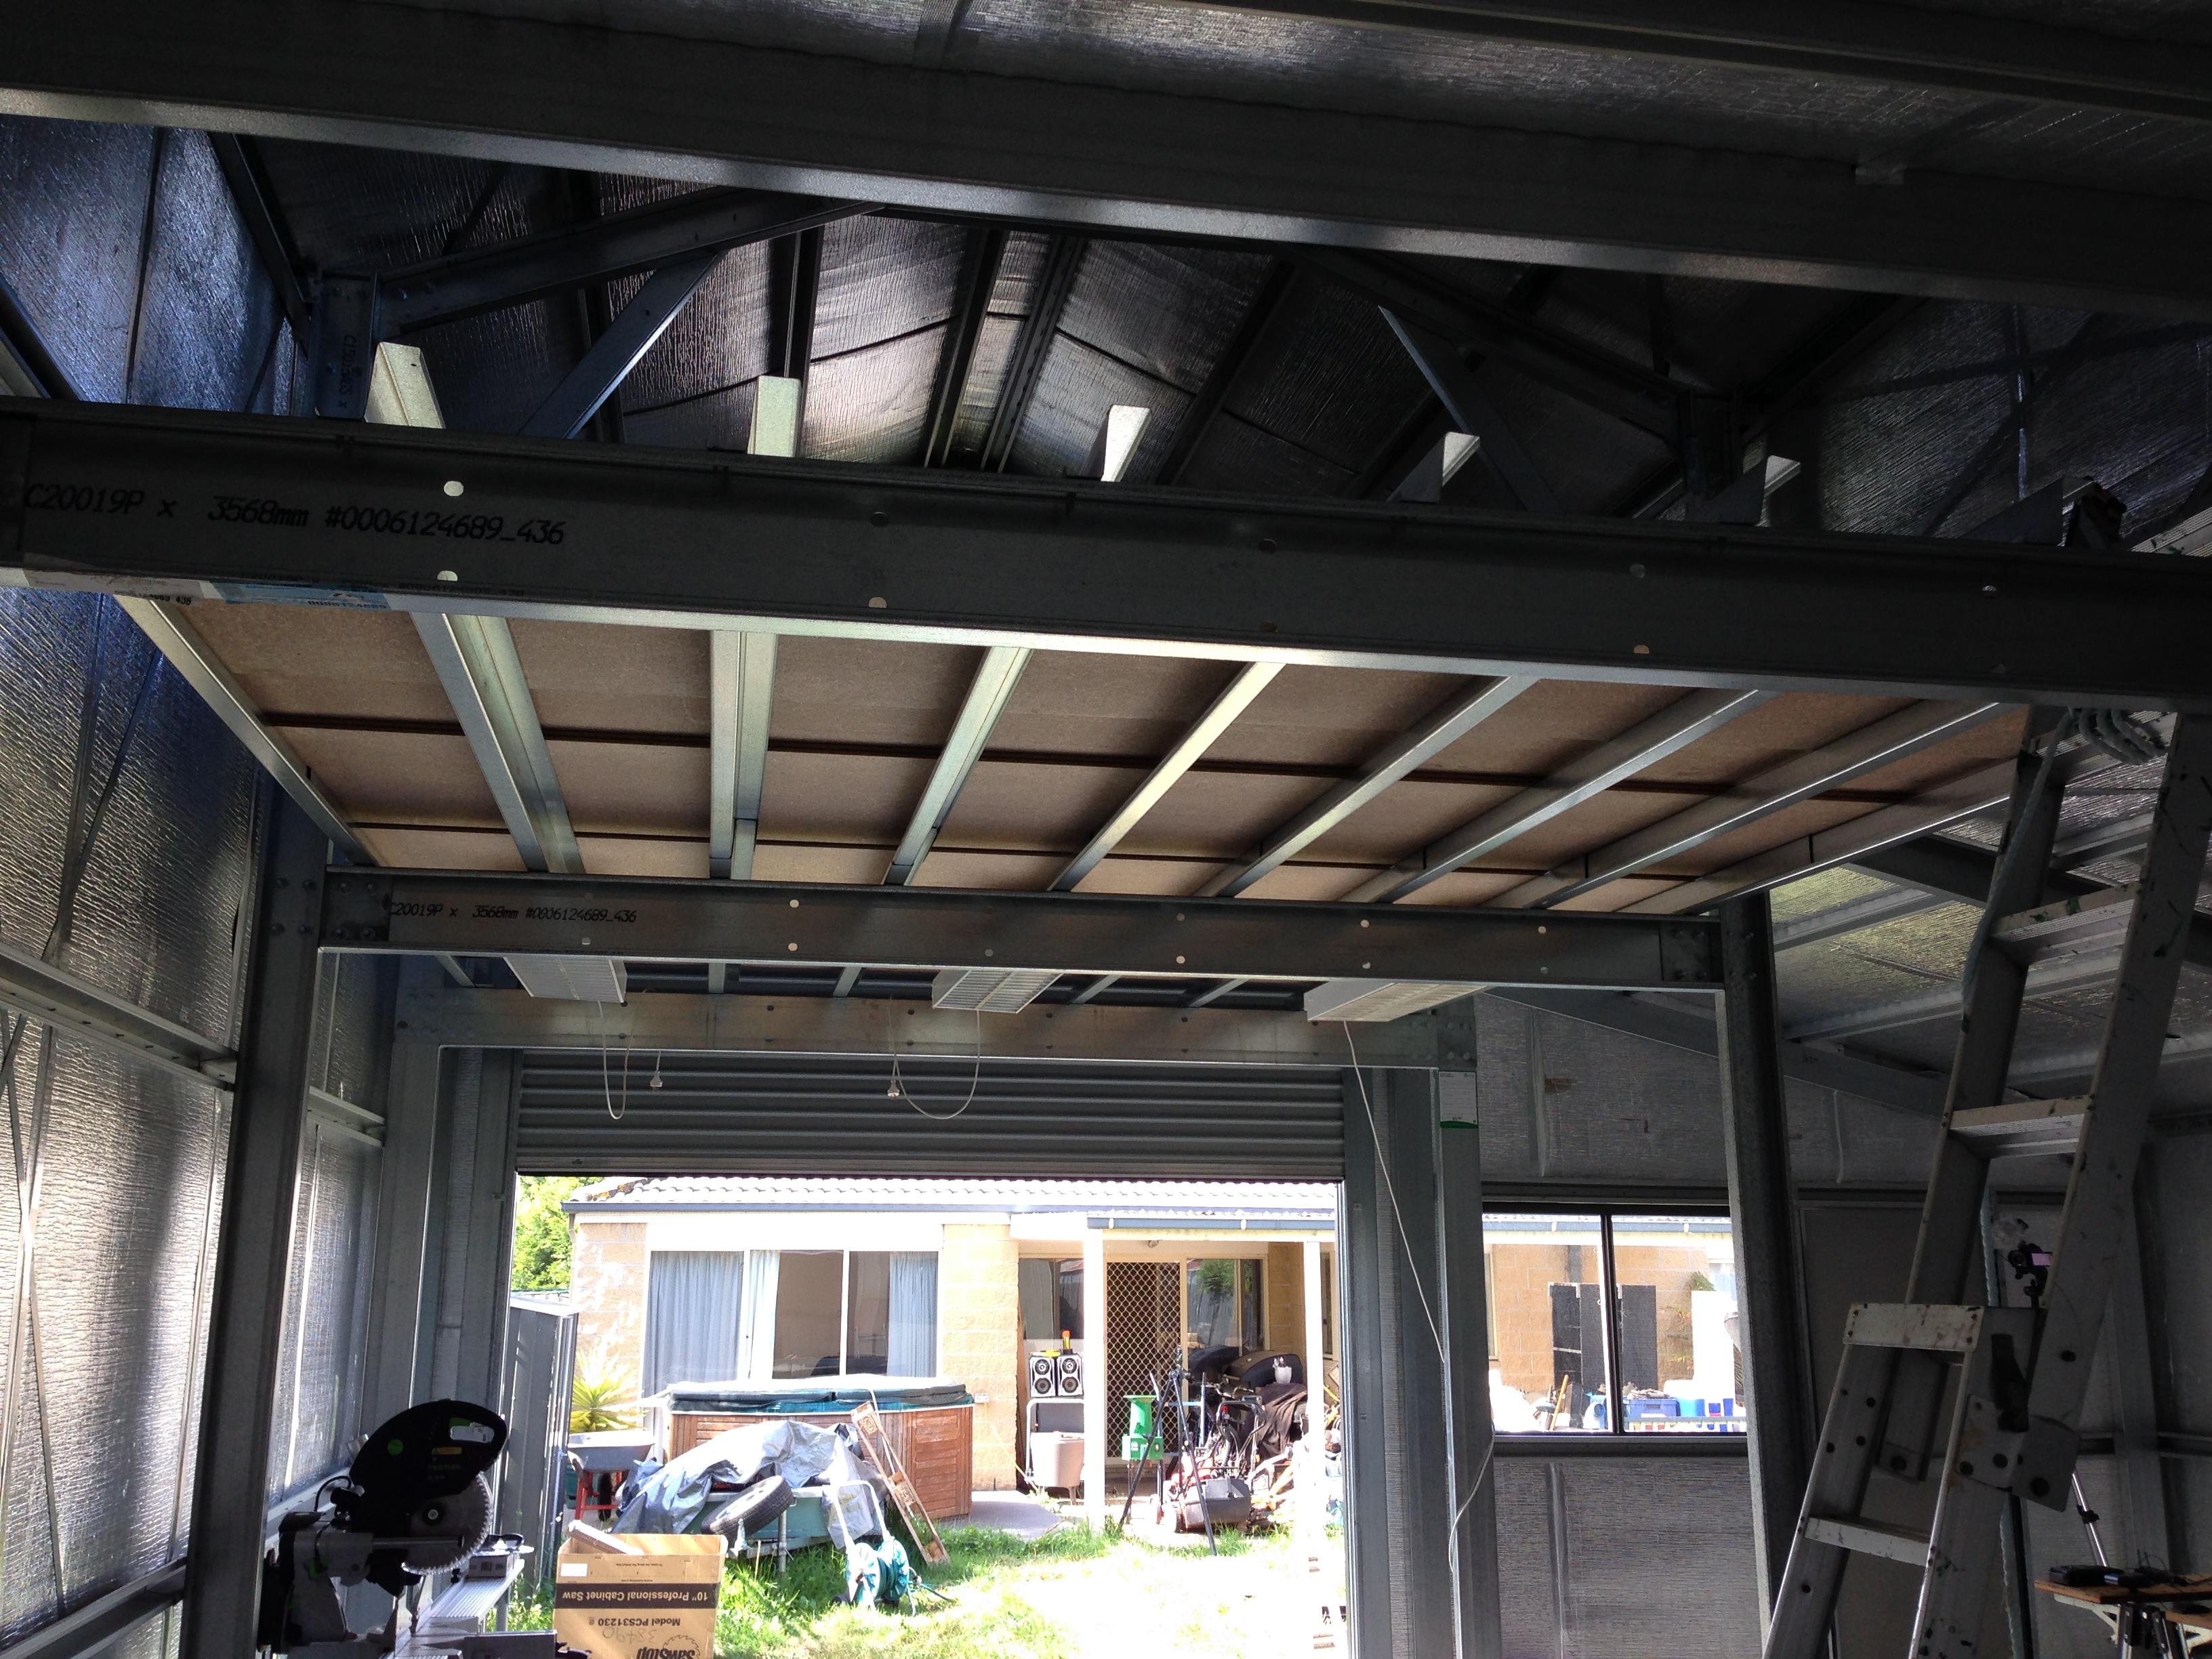 Mezzanine Plans mezzanine | stu's shed